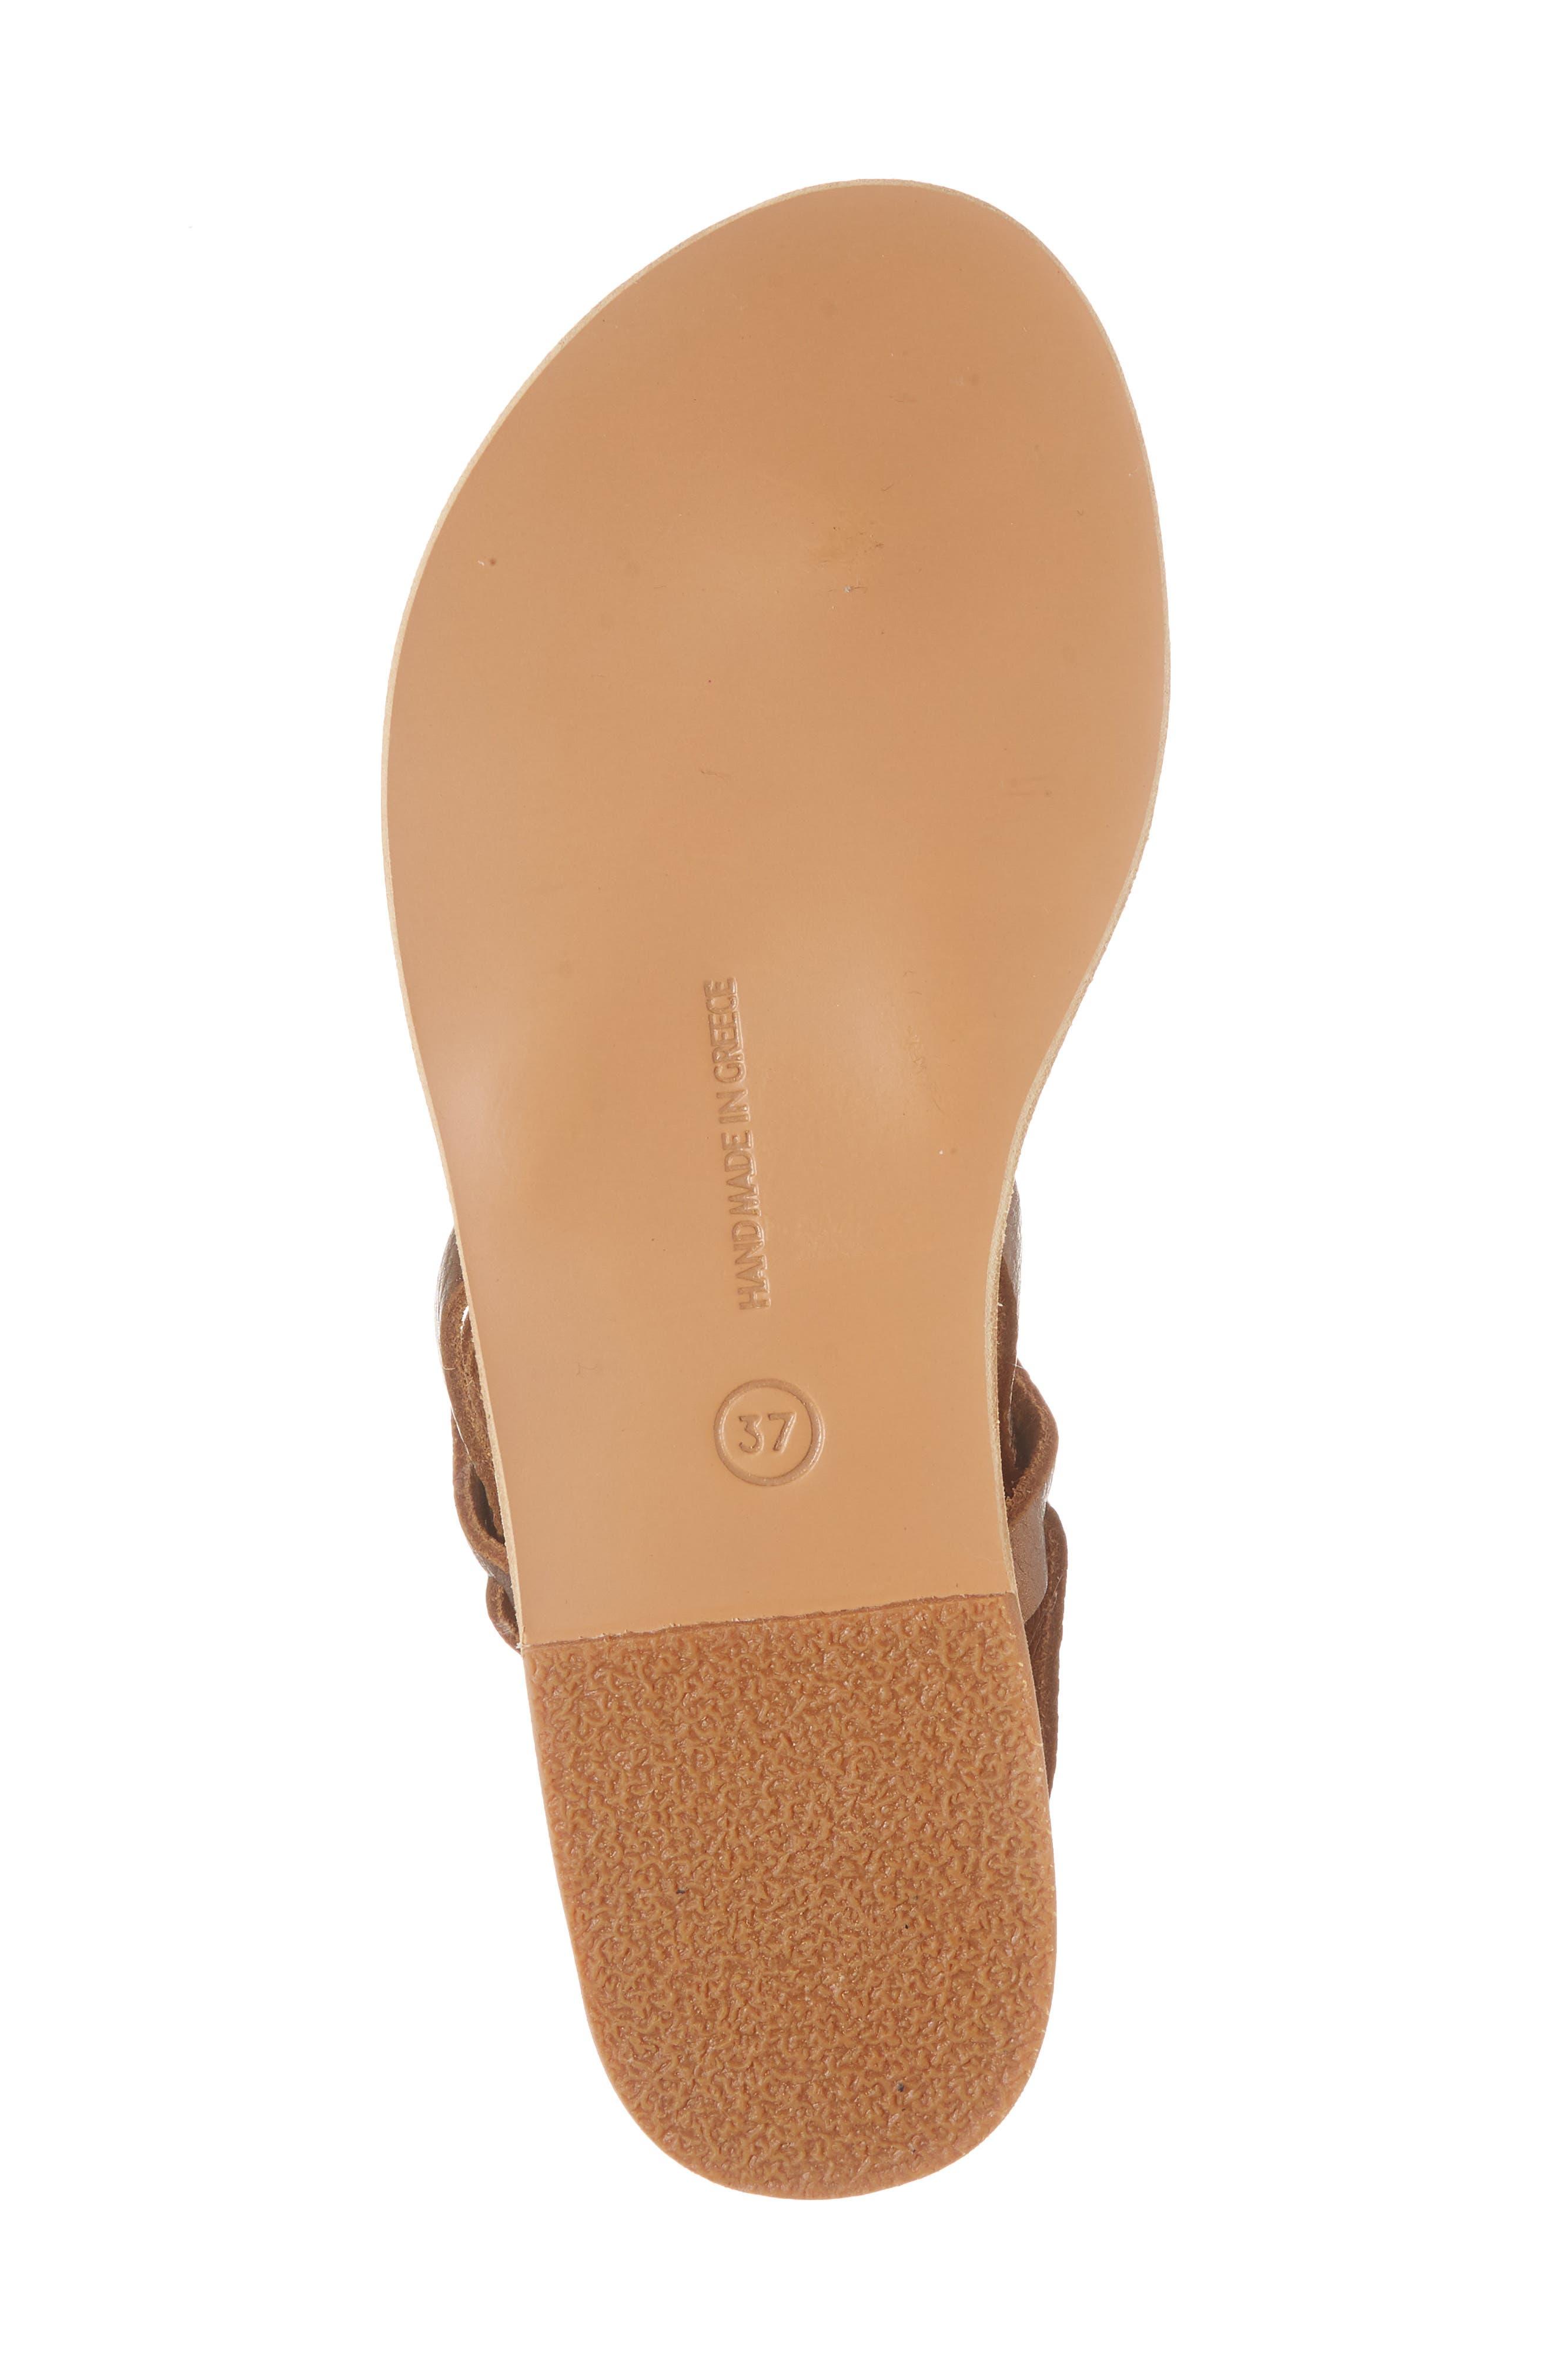 Estia Ankle Wrap Sandal,                             Alternate thumbnail 6, color,                             Bronze/ Cocco